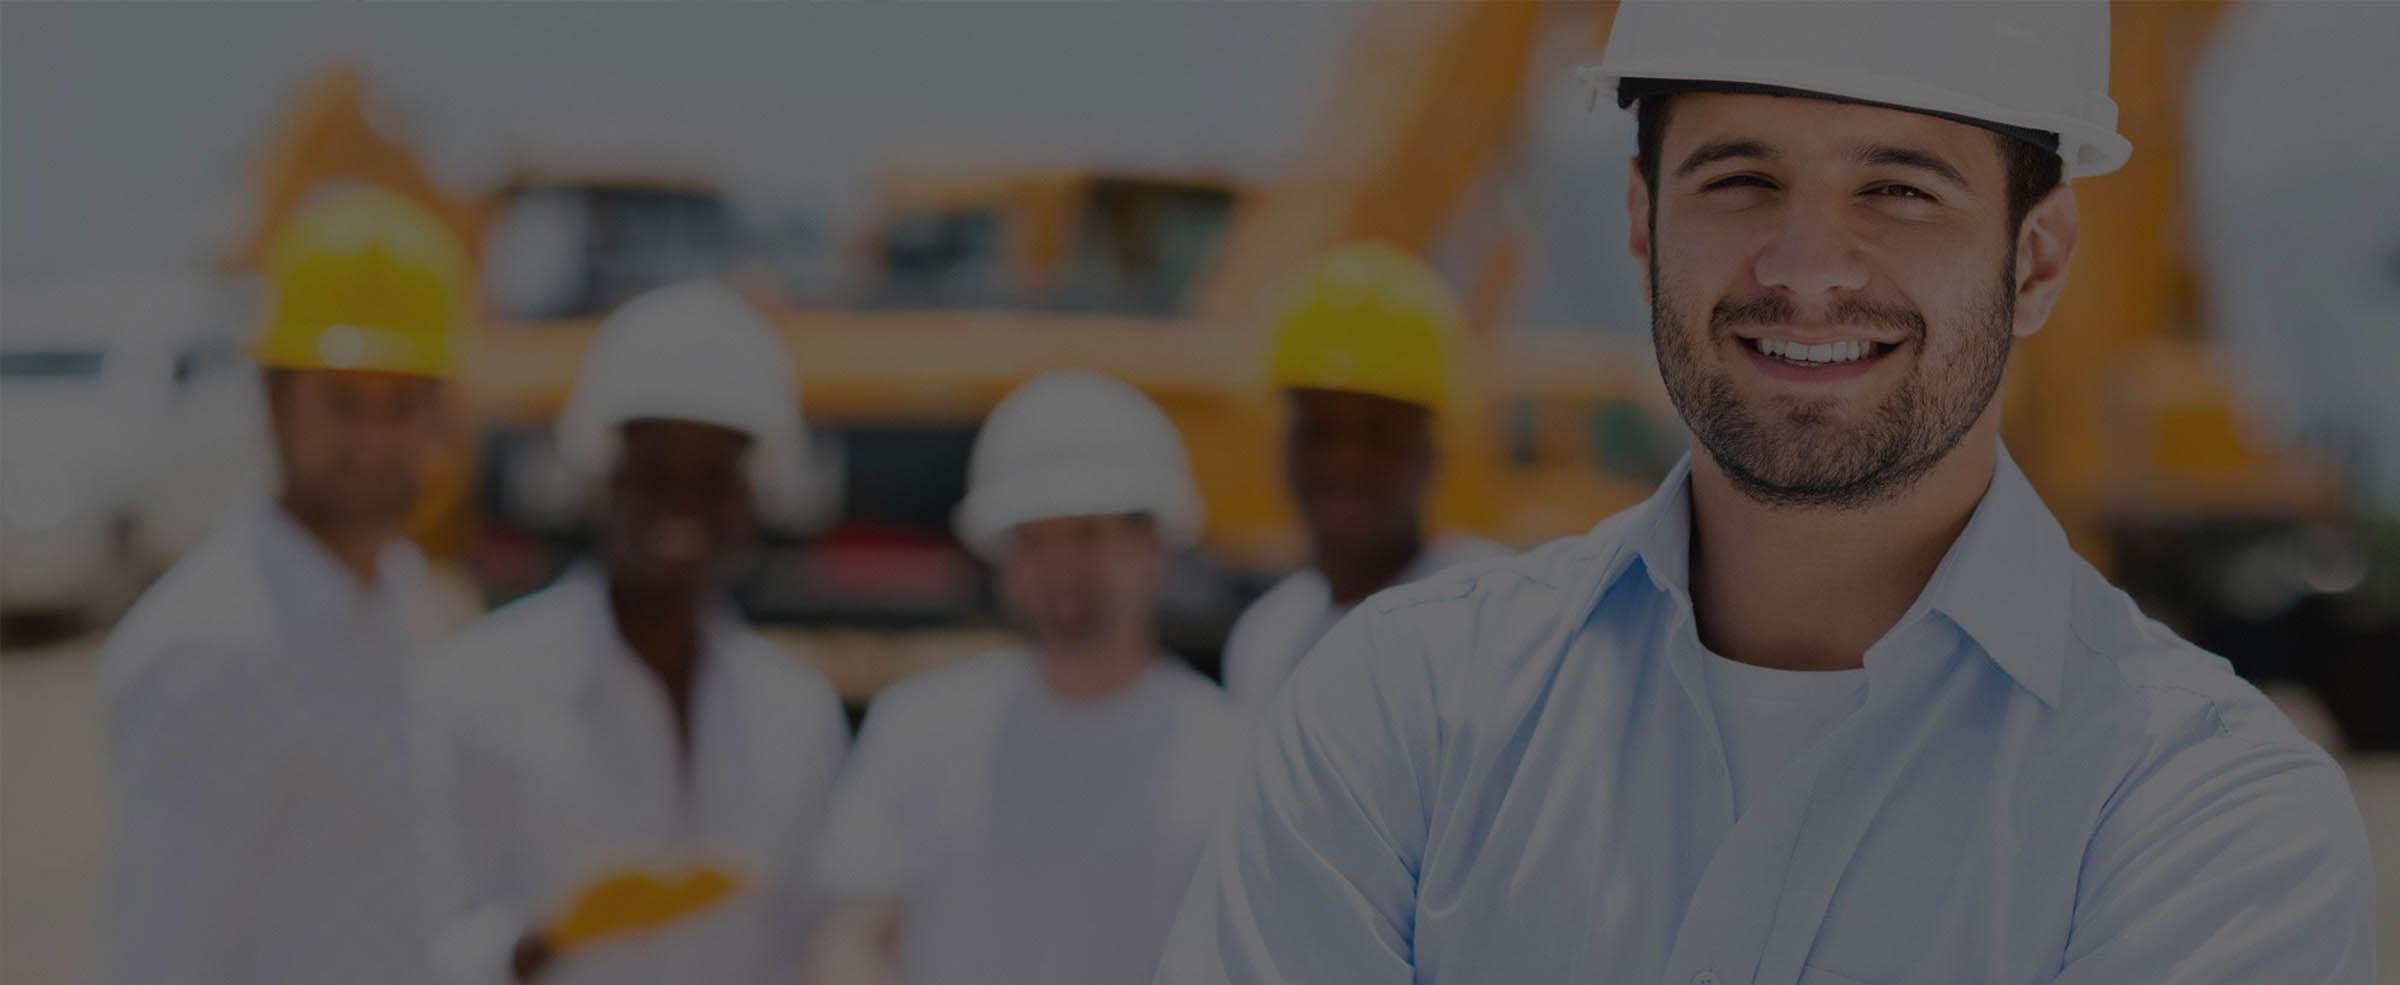 İSG Eğitimi, İş Sağlığı ve Güvenliği Eğitimi, TEK OSGB